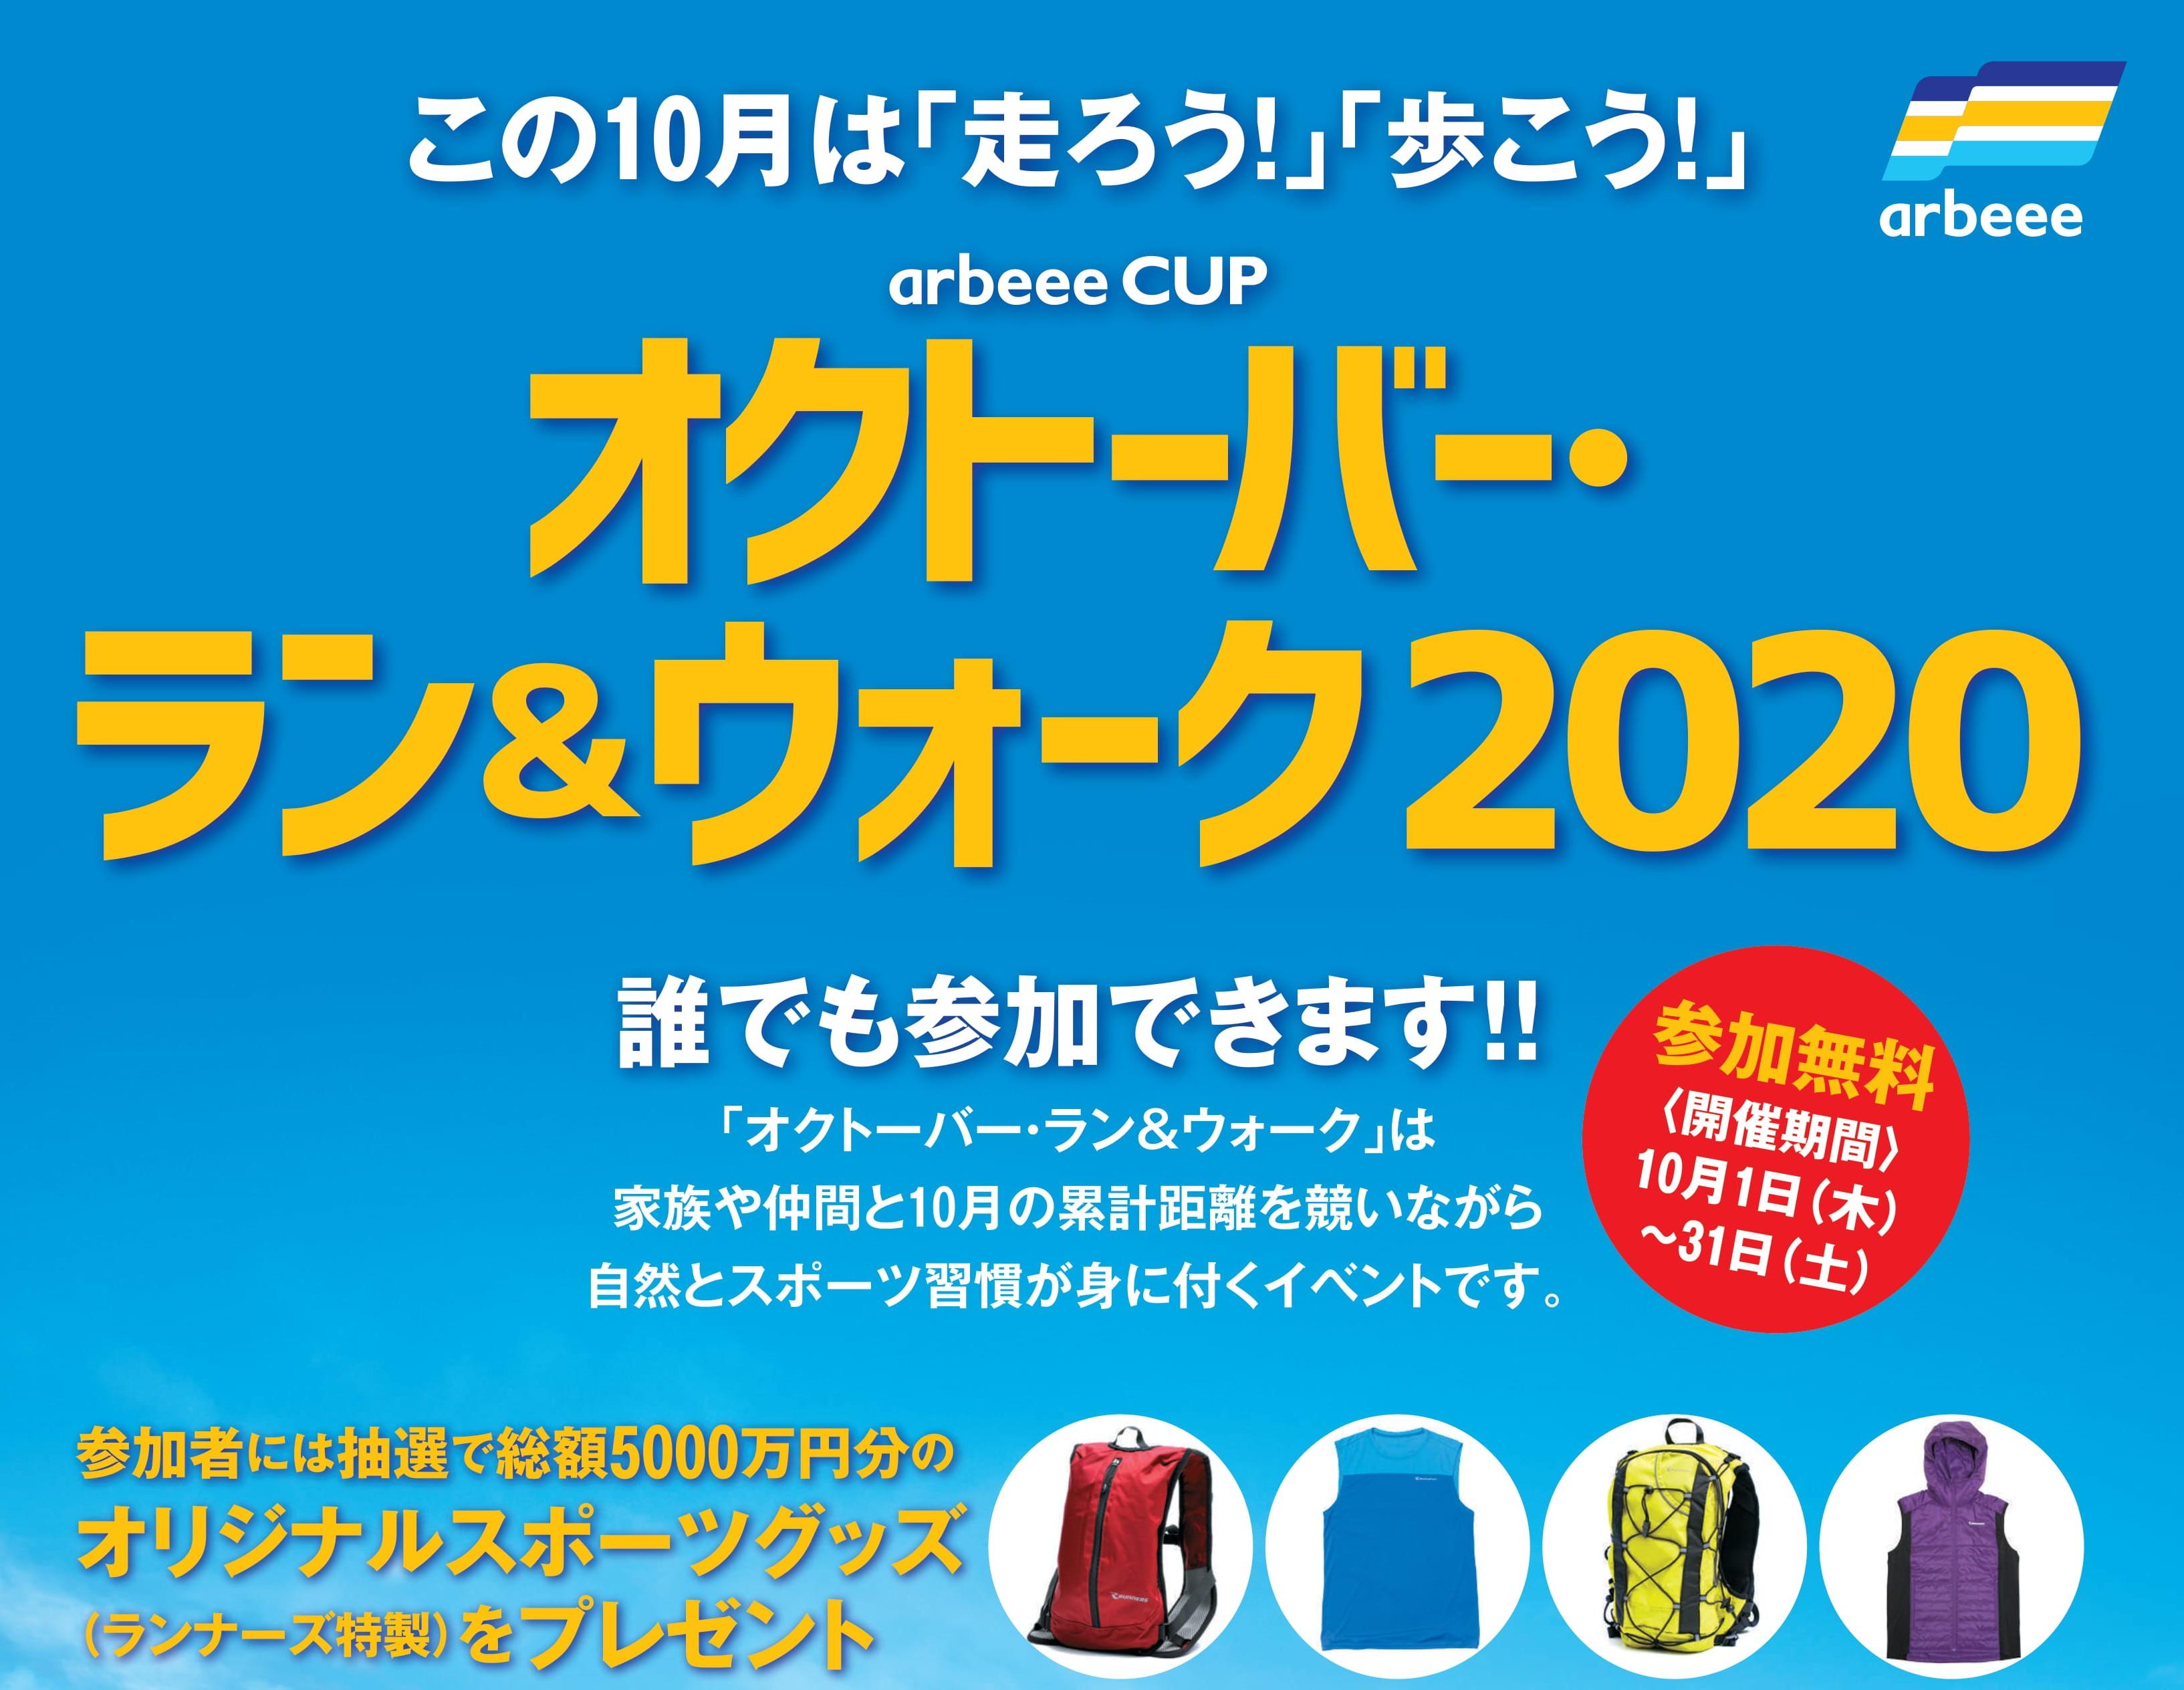 オクトーバー・ラン&ウォーク2020 開催中!!(~10/31まで)